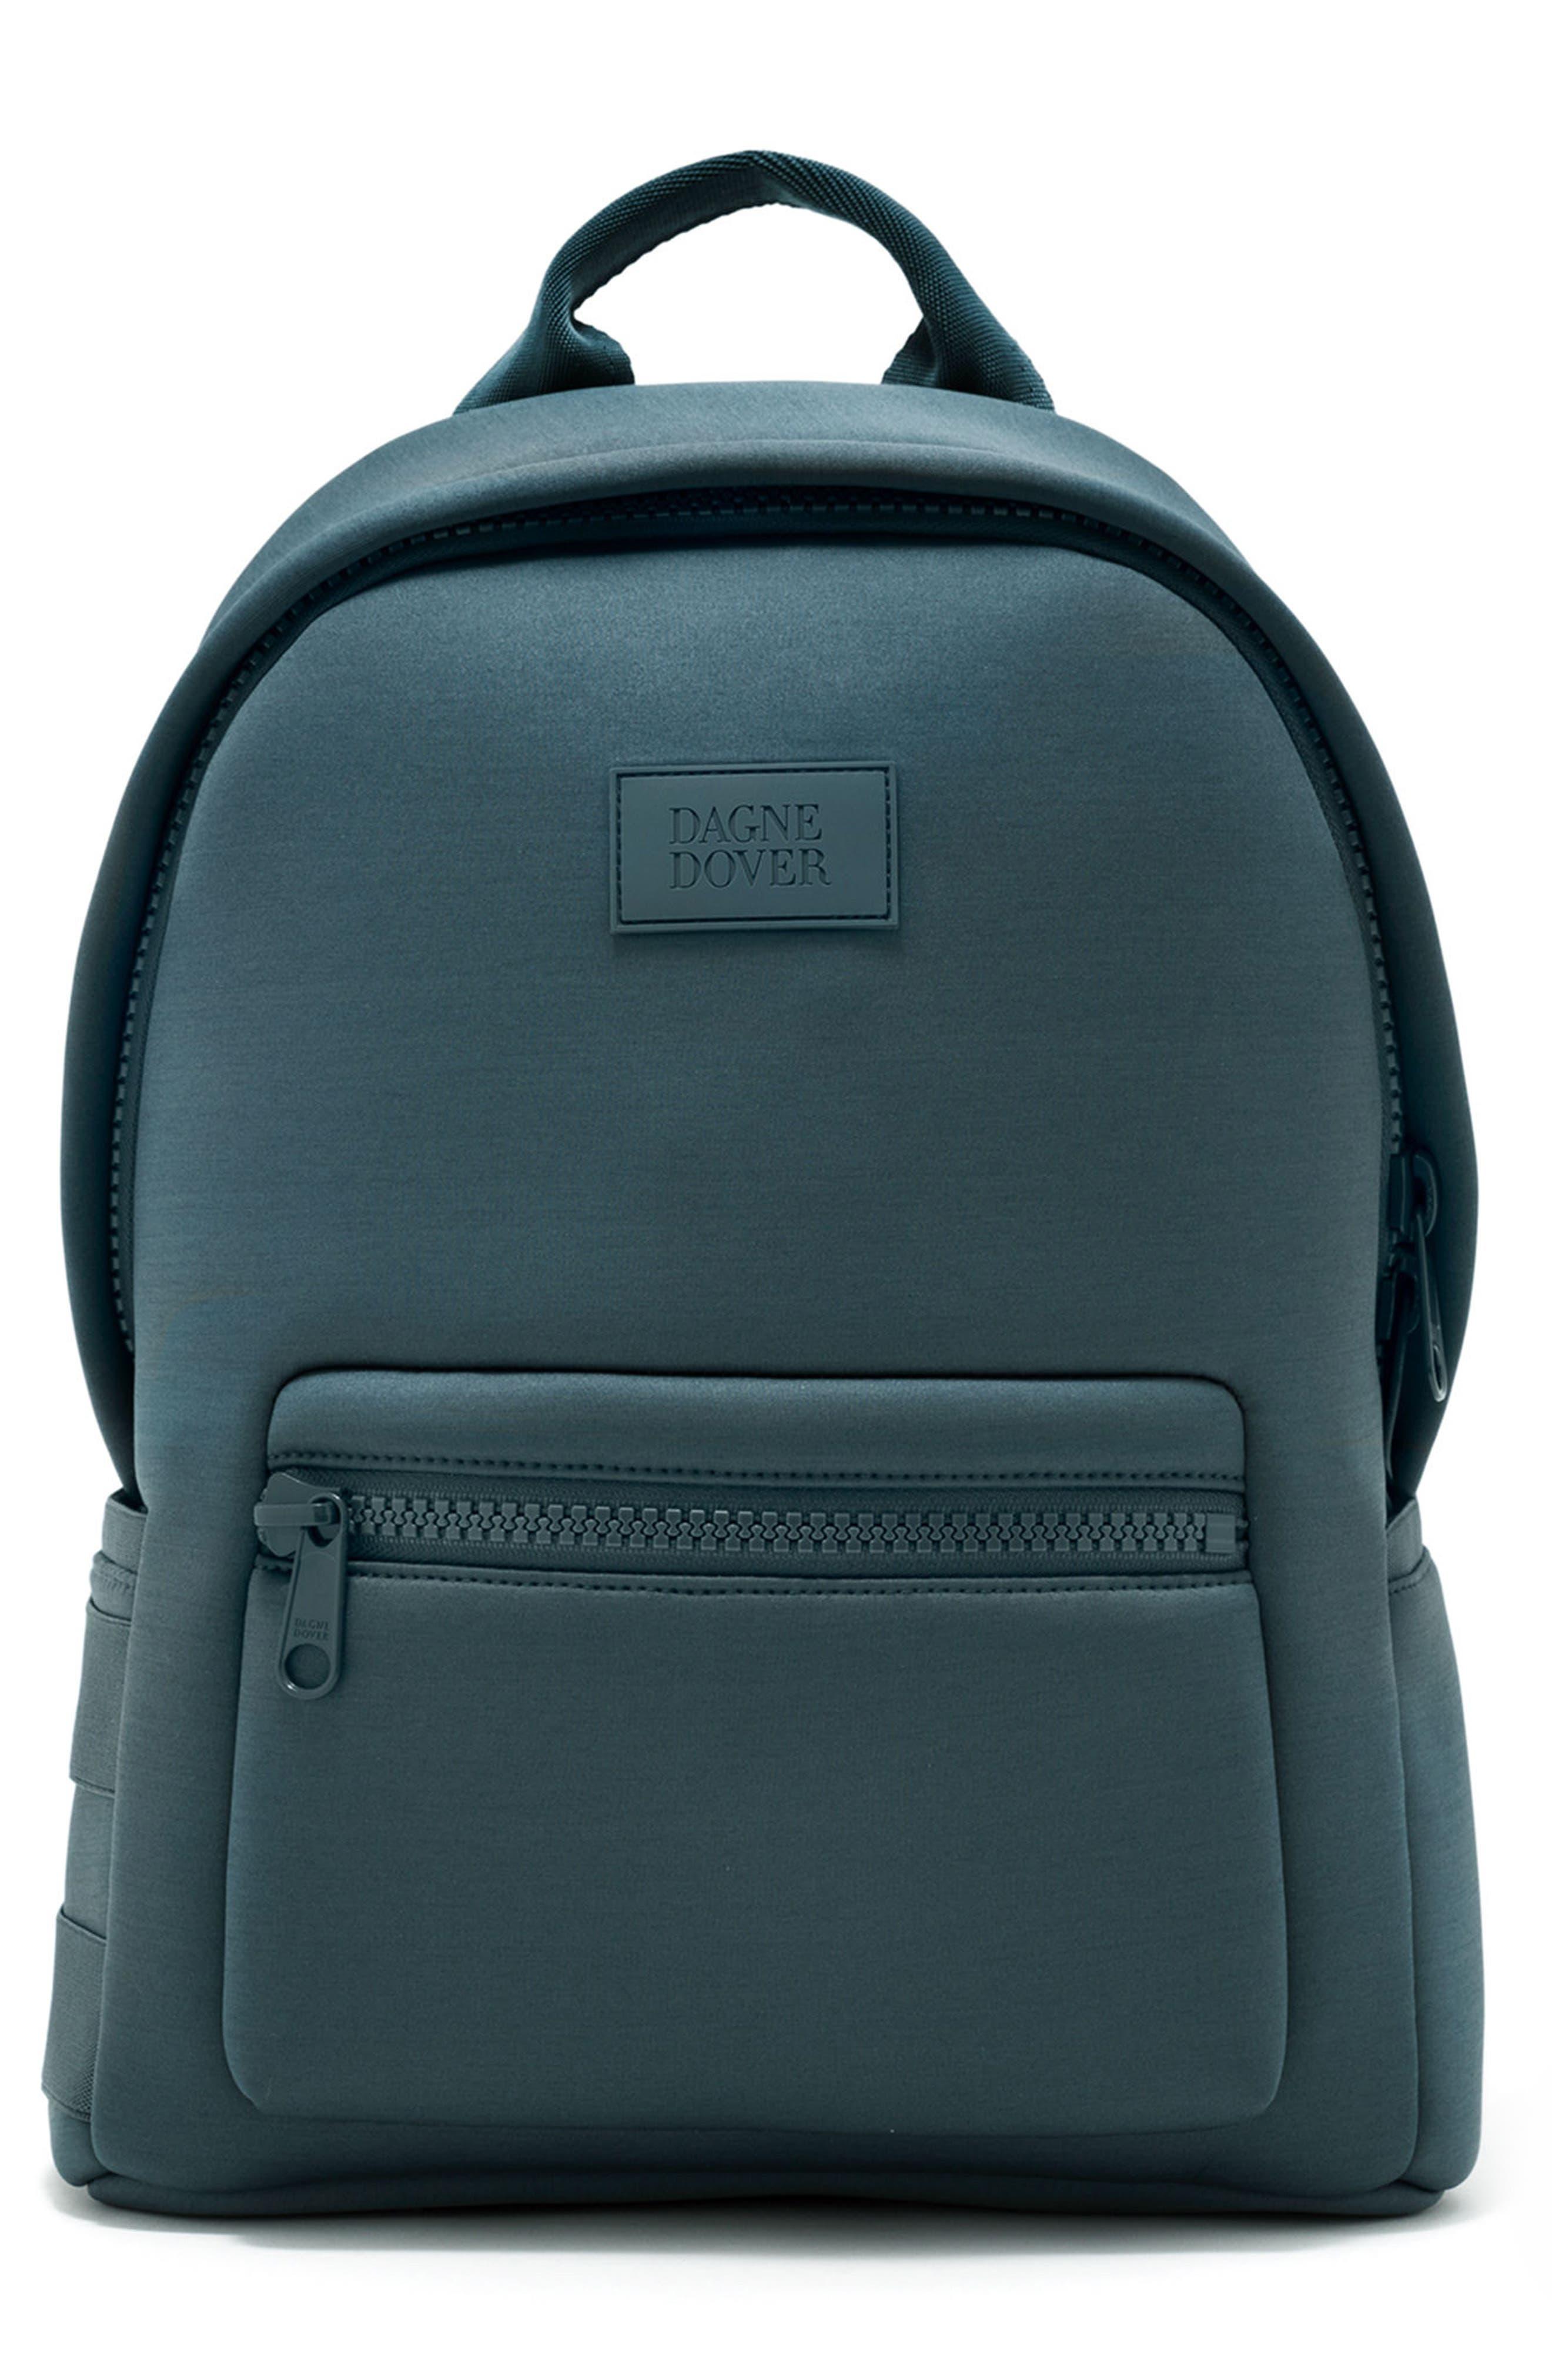 365 Dakota Neoprene Backpack,                         Main,                         color,